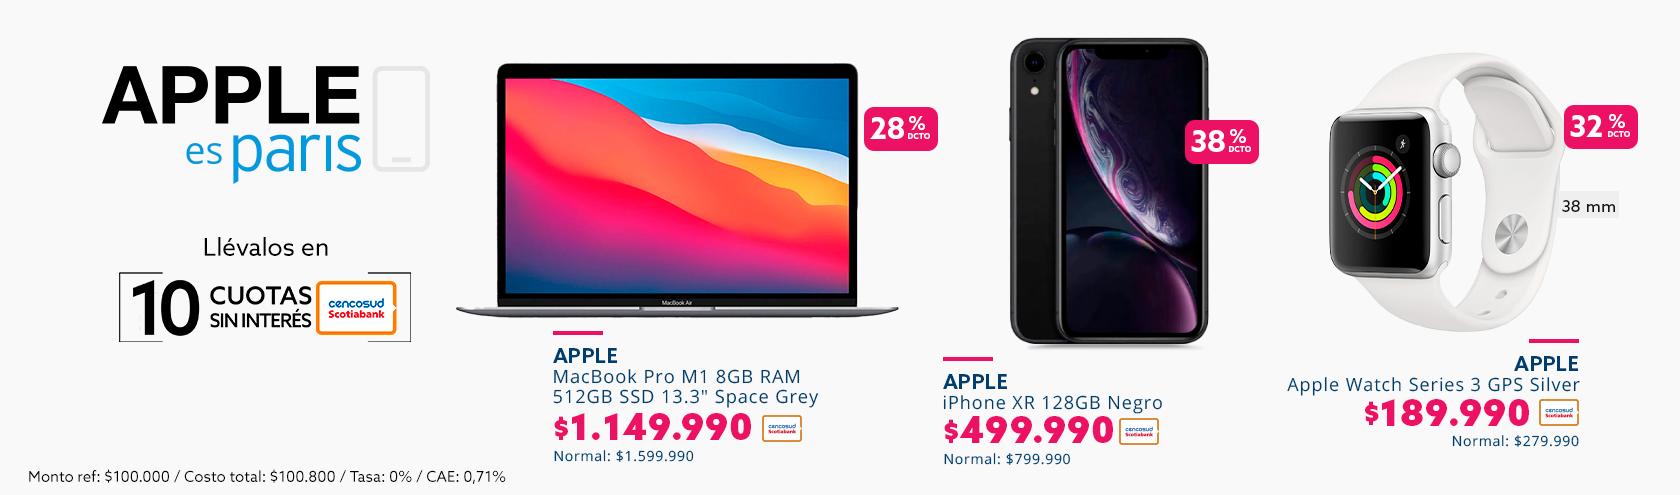 Ofertas Imperdibles en productos Apple